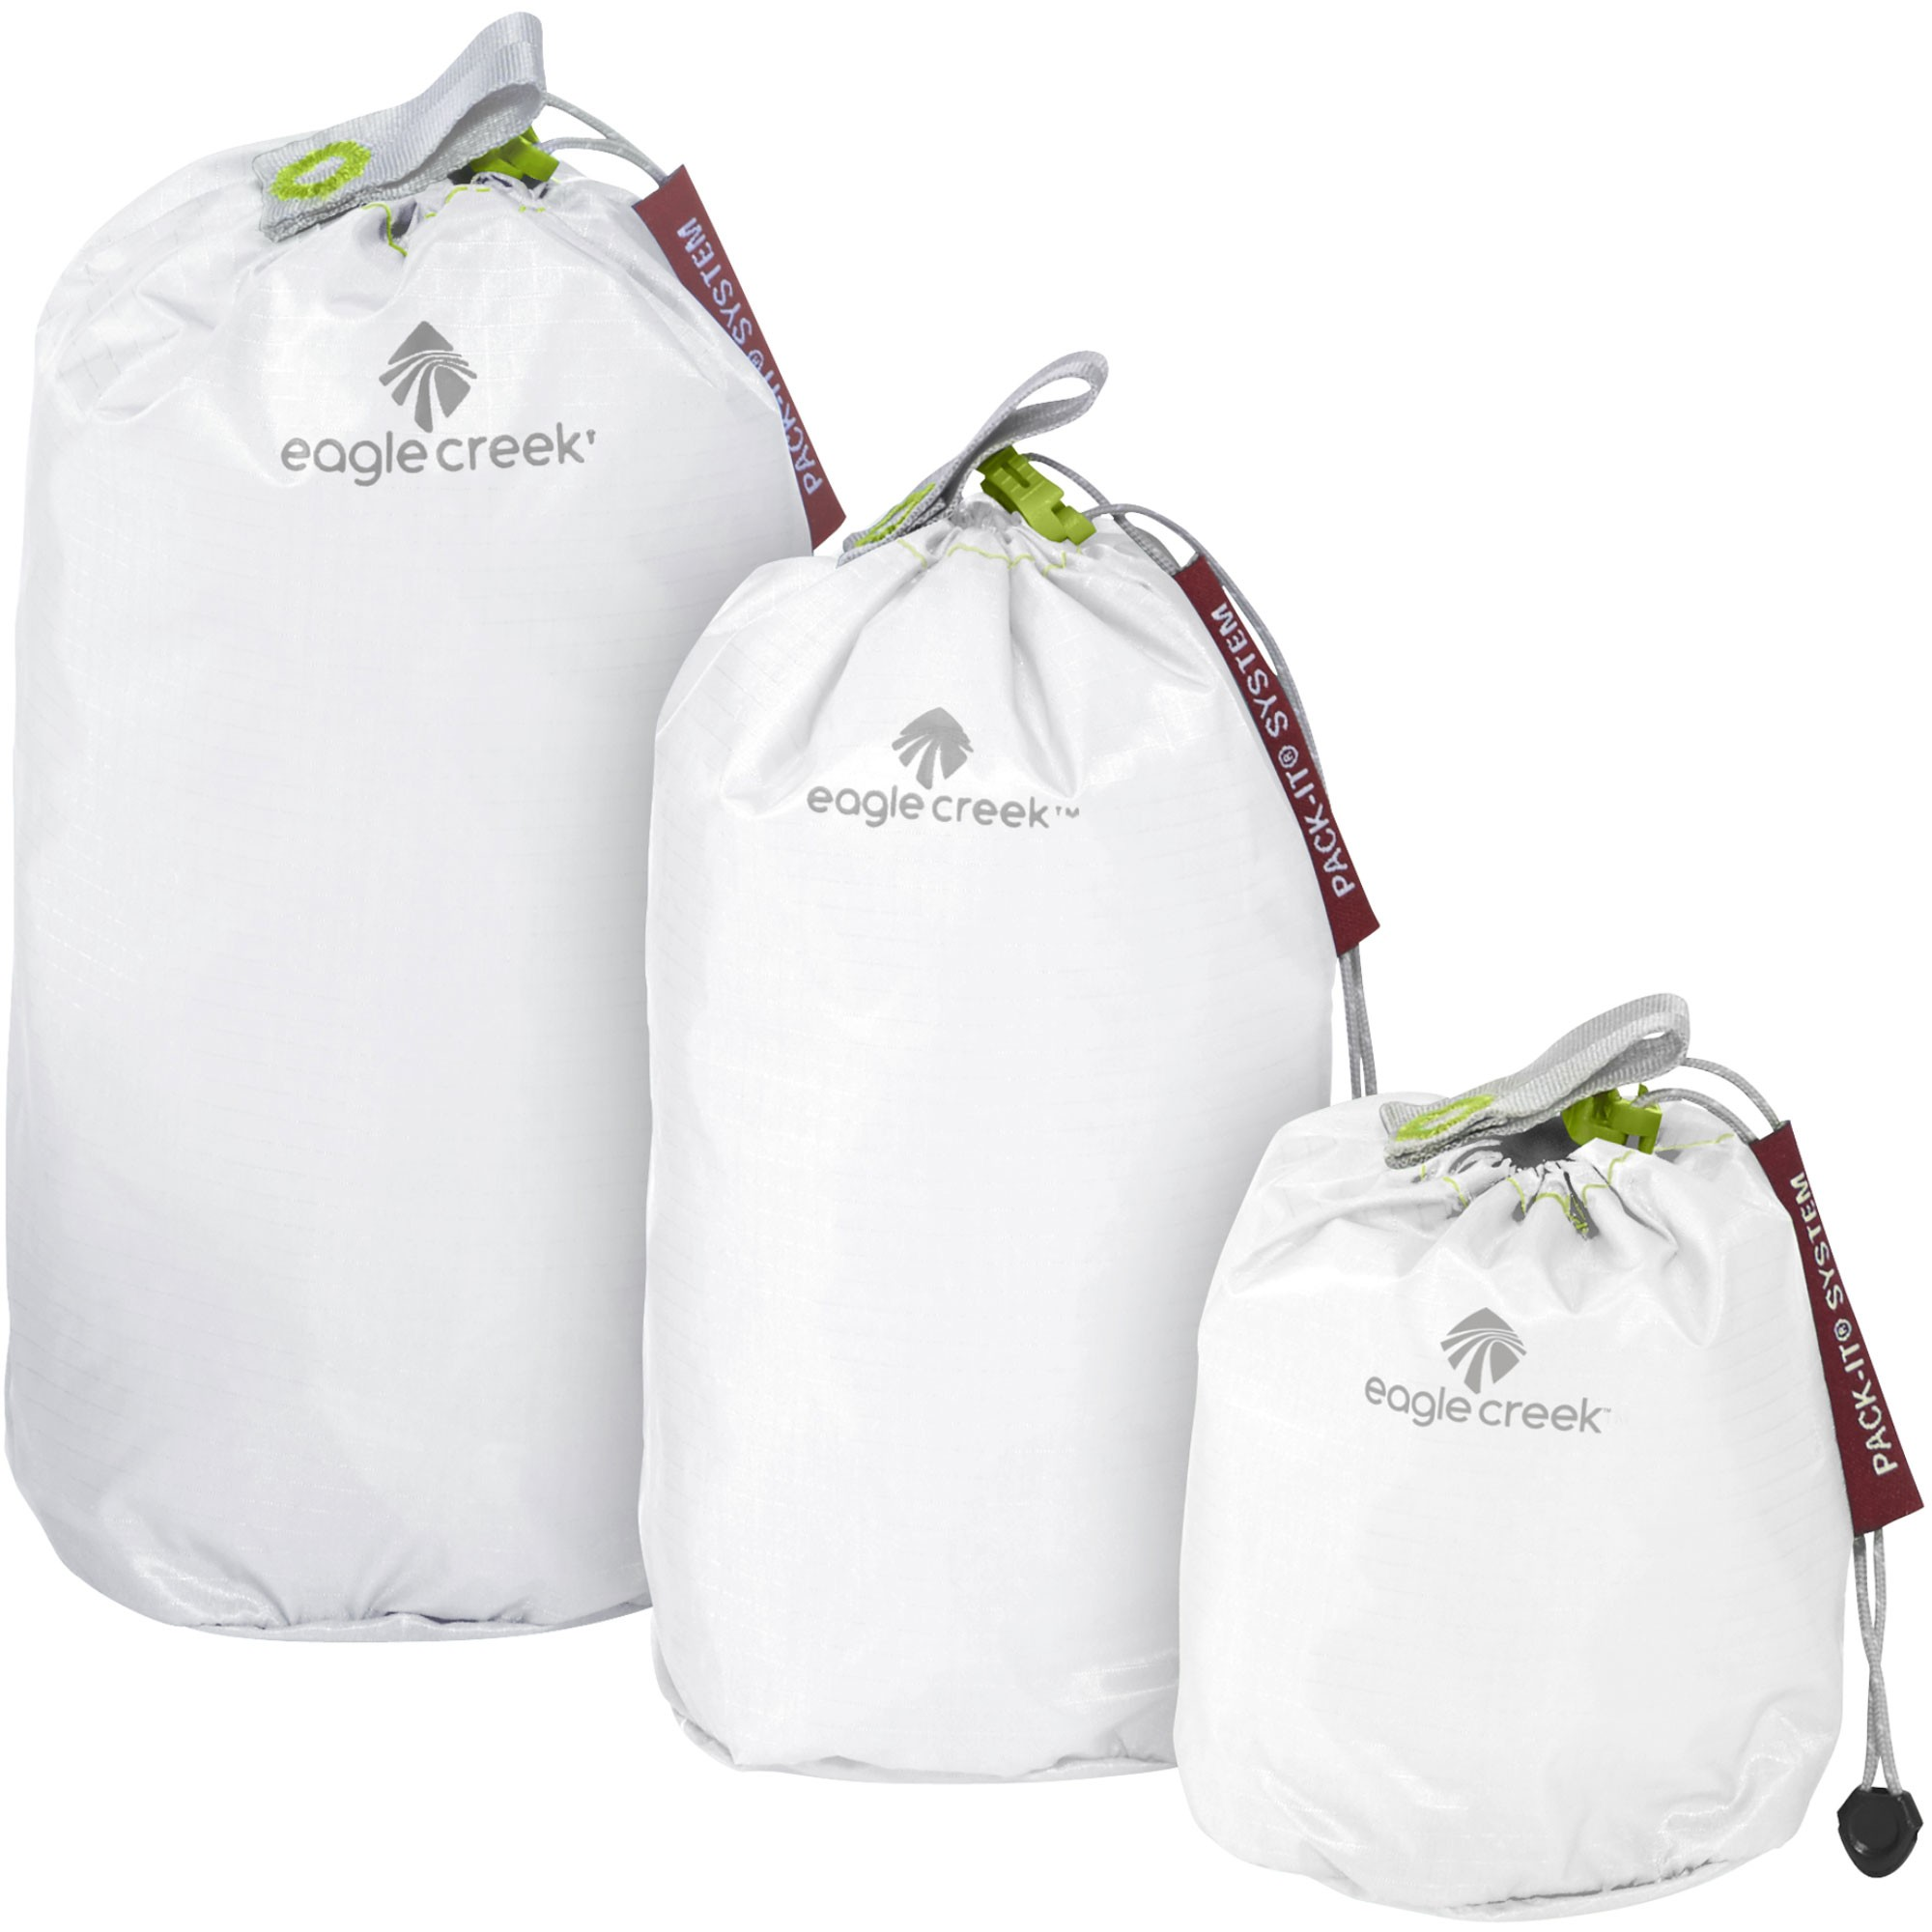 EAGLE CREEK - Pack-It Specter Stuffer Set Mini - White/Strobe Green